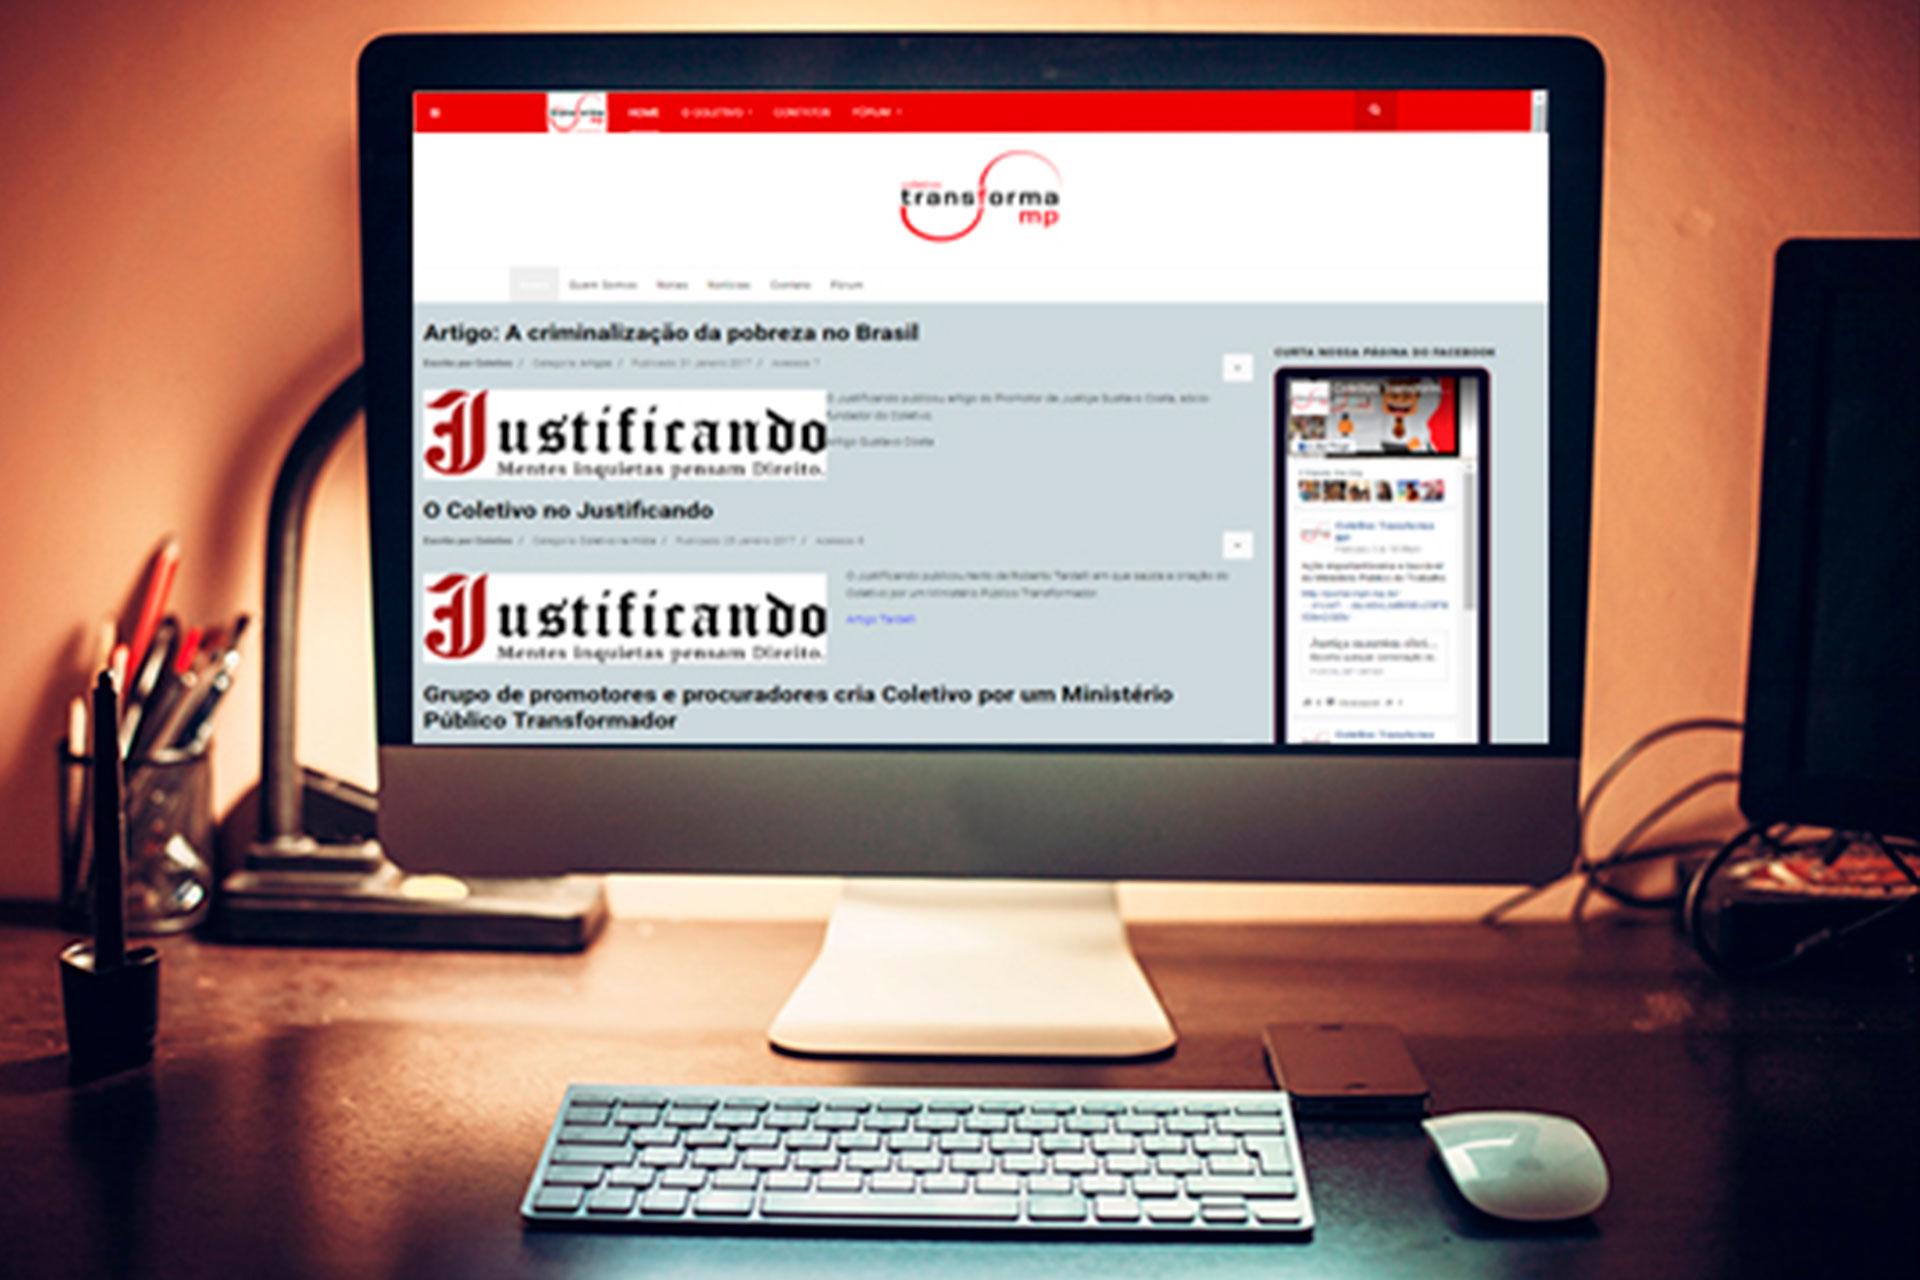 Site transformamp.com abre espaço para discussões sobre o papel do Ministério Público brasileiro